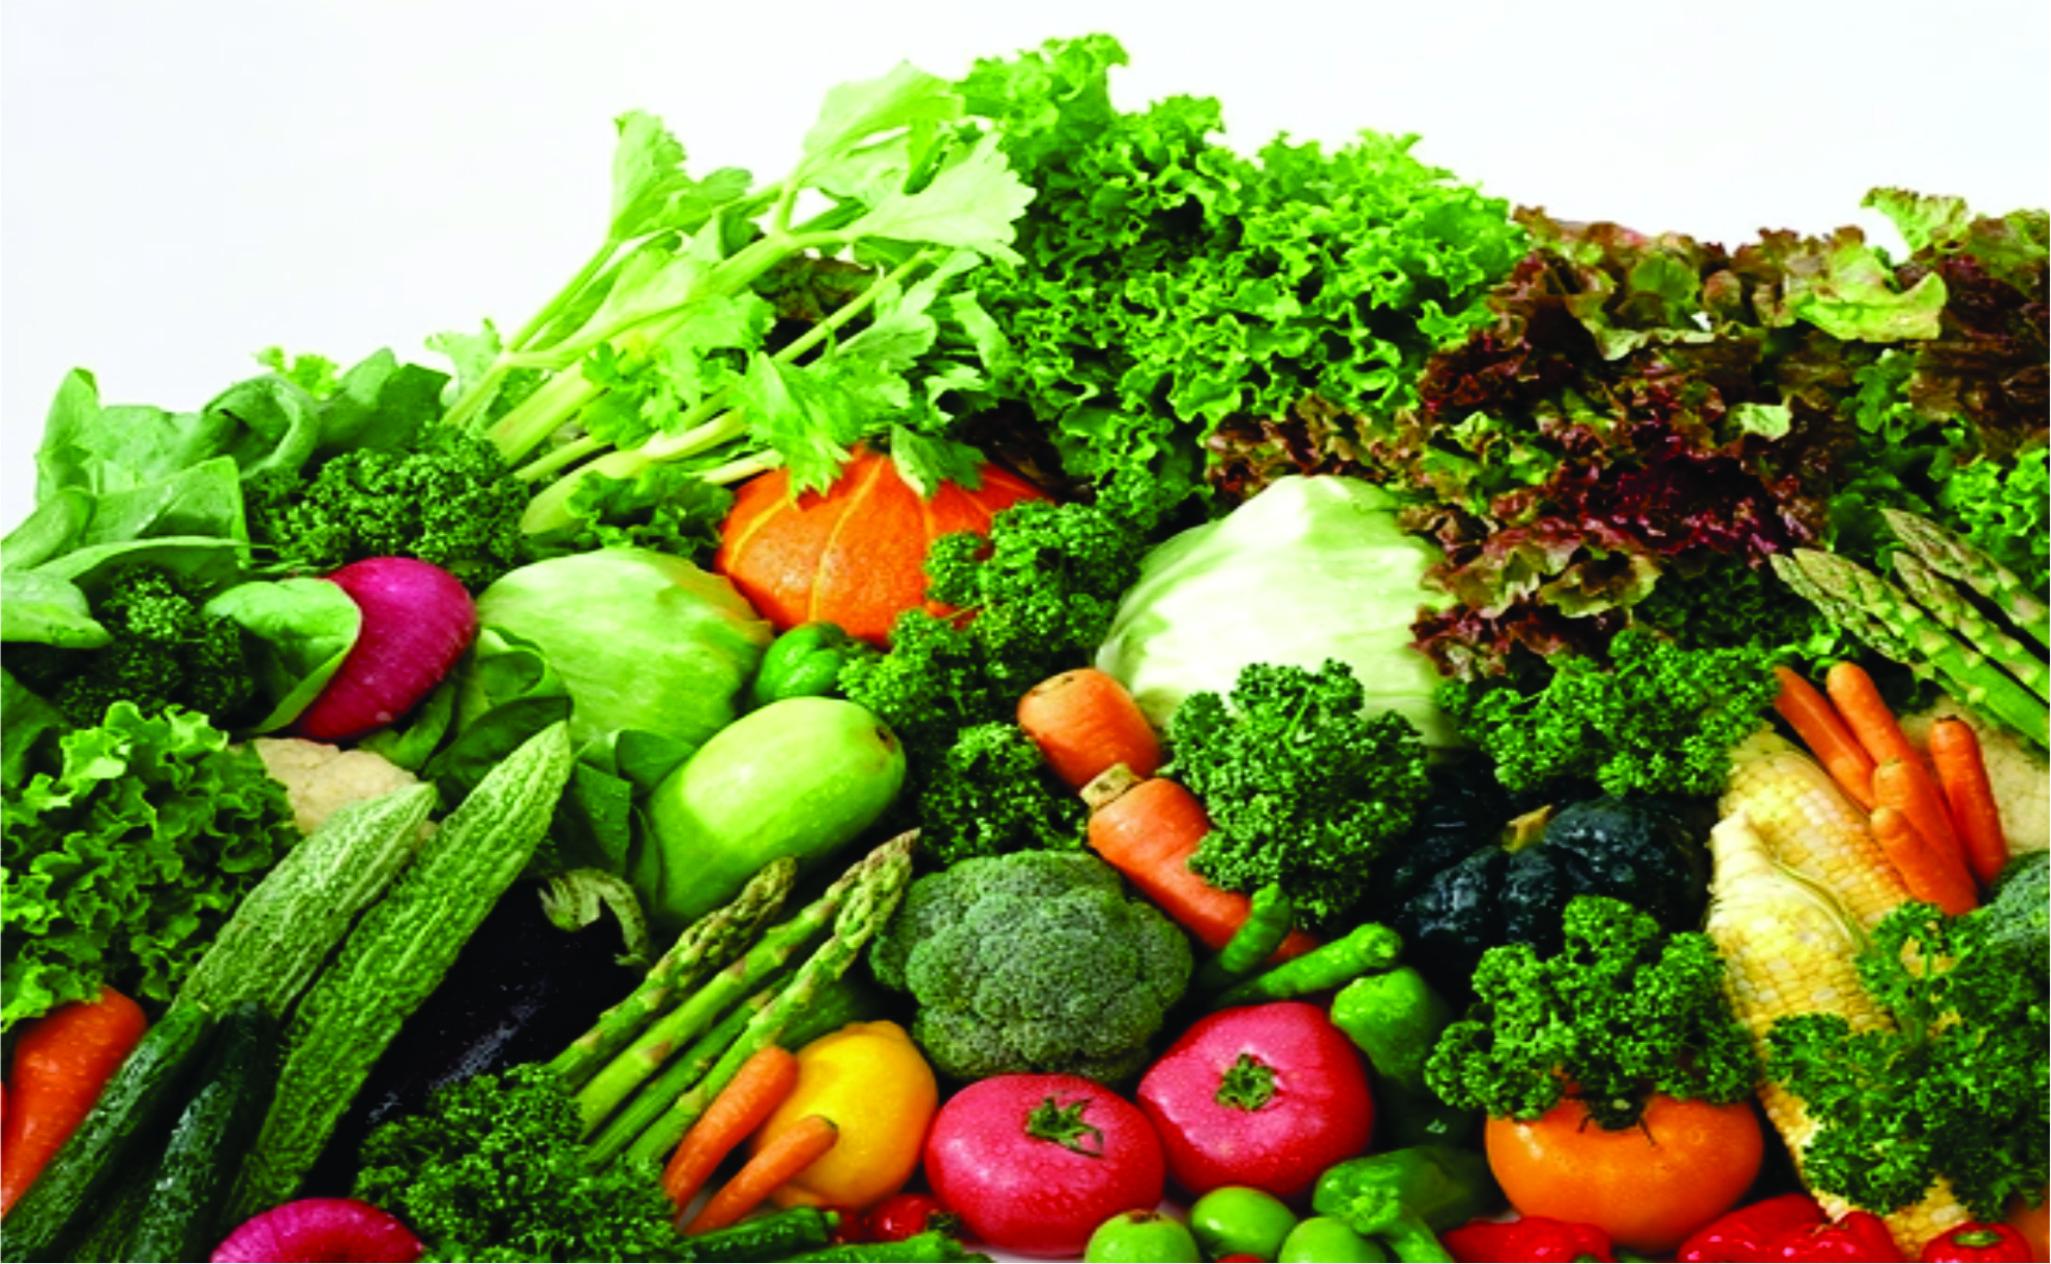 Chế độ ăn uống hợp lí, bổ sung đầy đủ dưỡng chất từ bên trong cơ thể